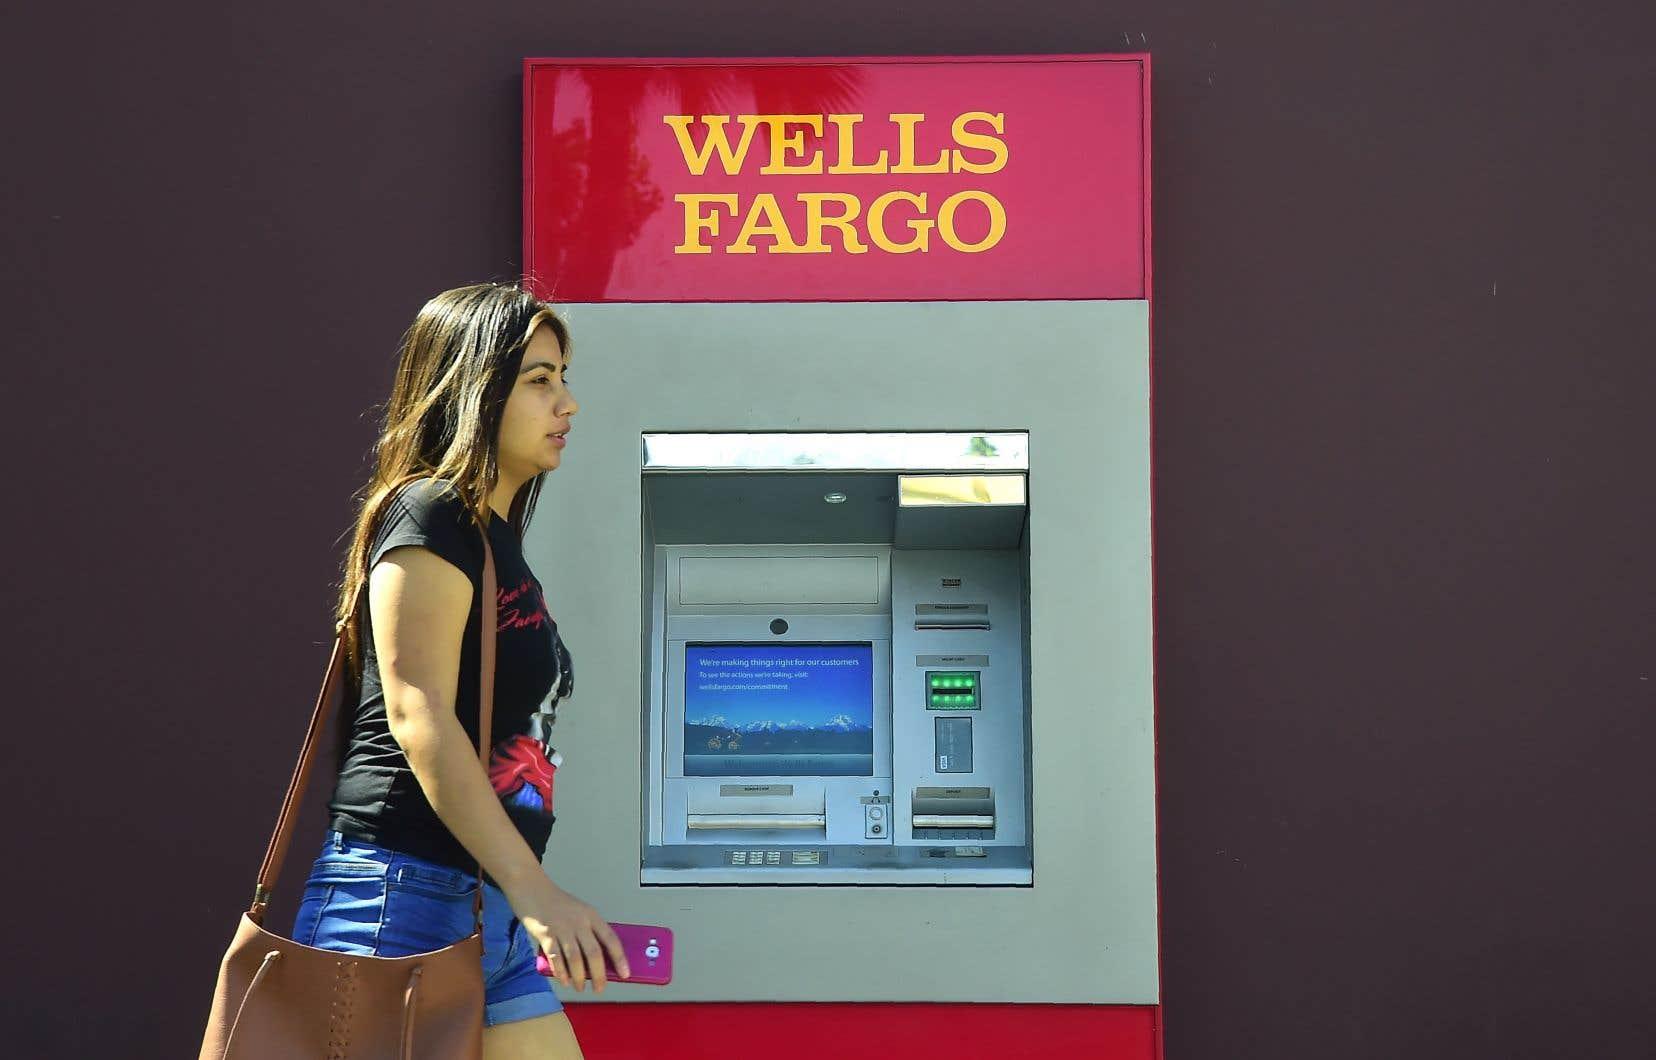 Les banquiers de Wall Street redoutent qu'une suspension des dividendes ne déprime davantage leurs actions déjà en forte baisse.